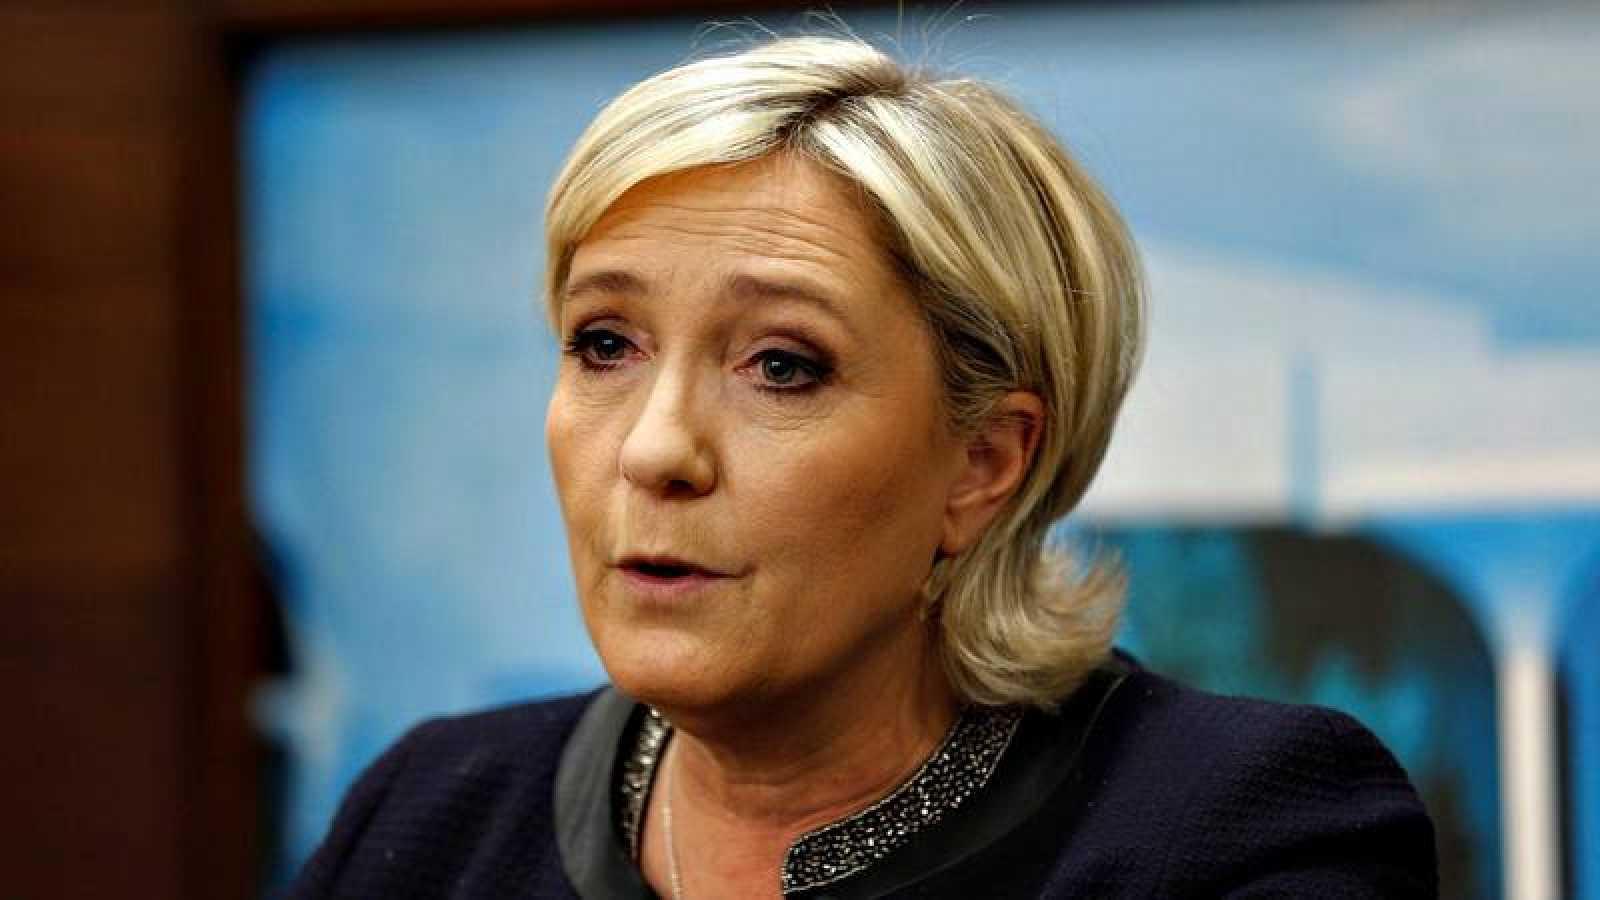 La líder del Frente Nacional y candidata a la presidencia de Francia, Marine le Pen